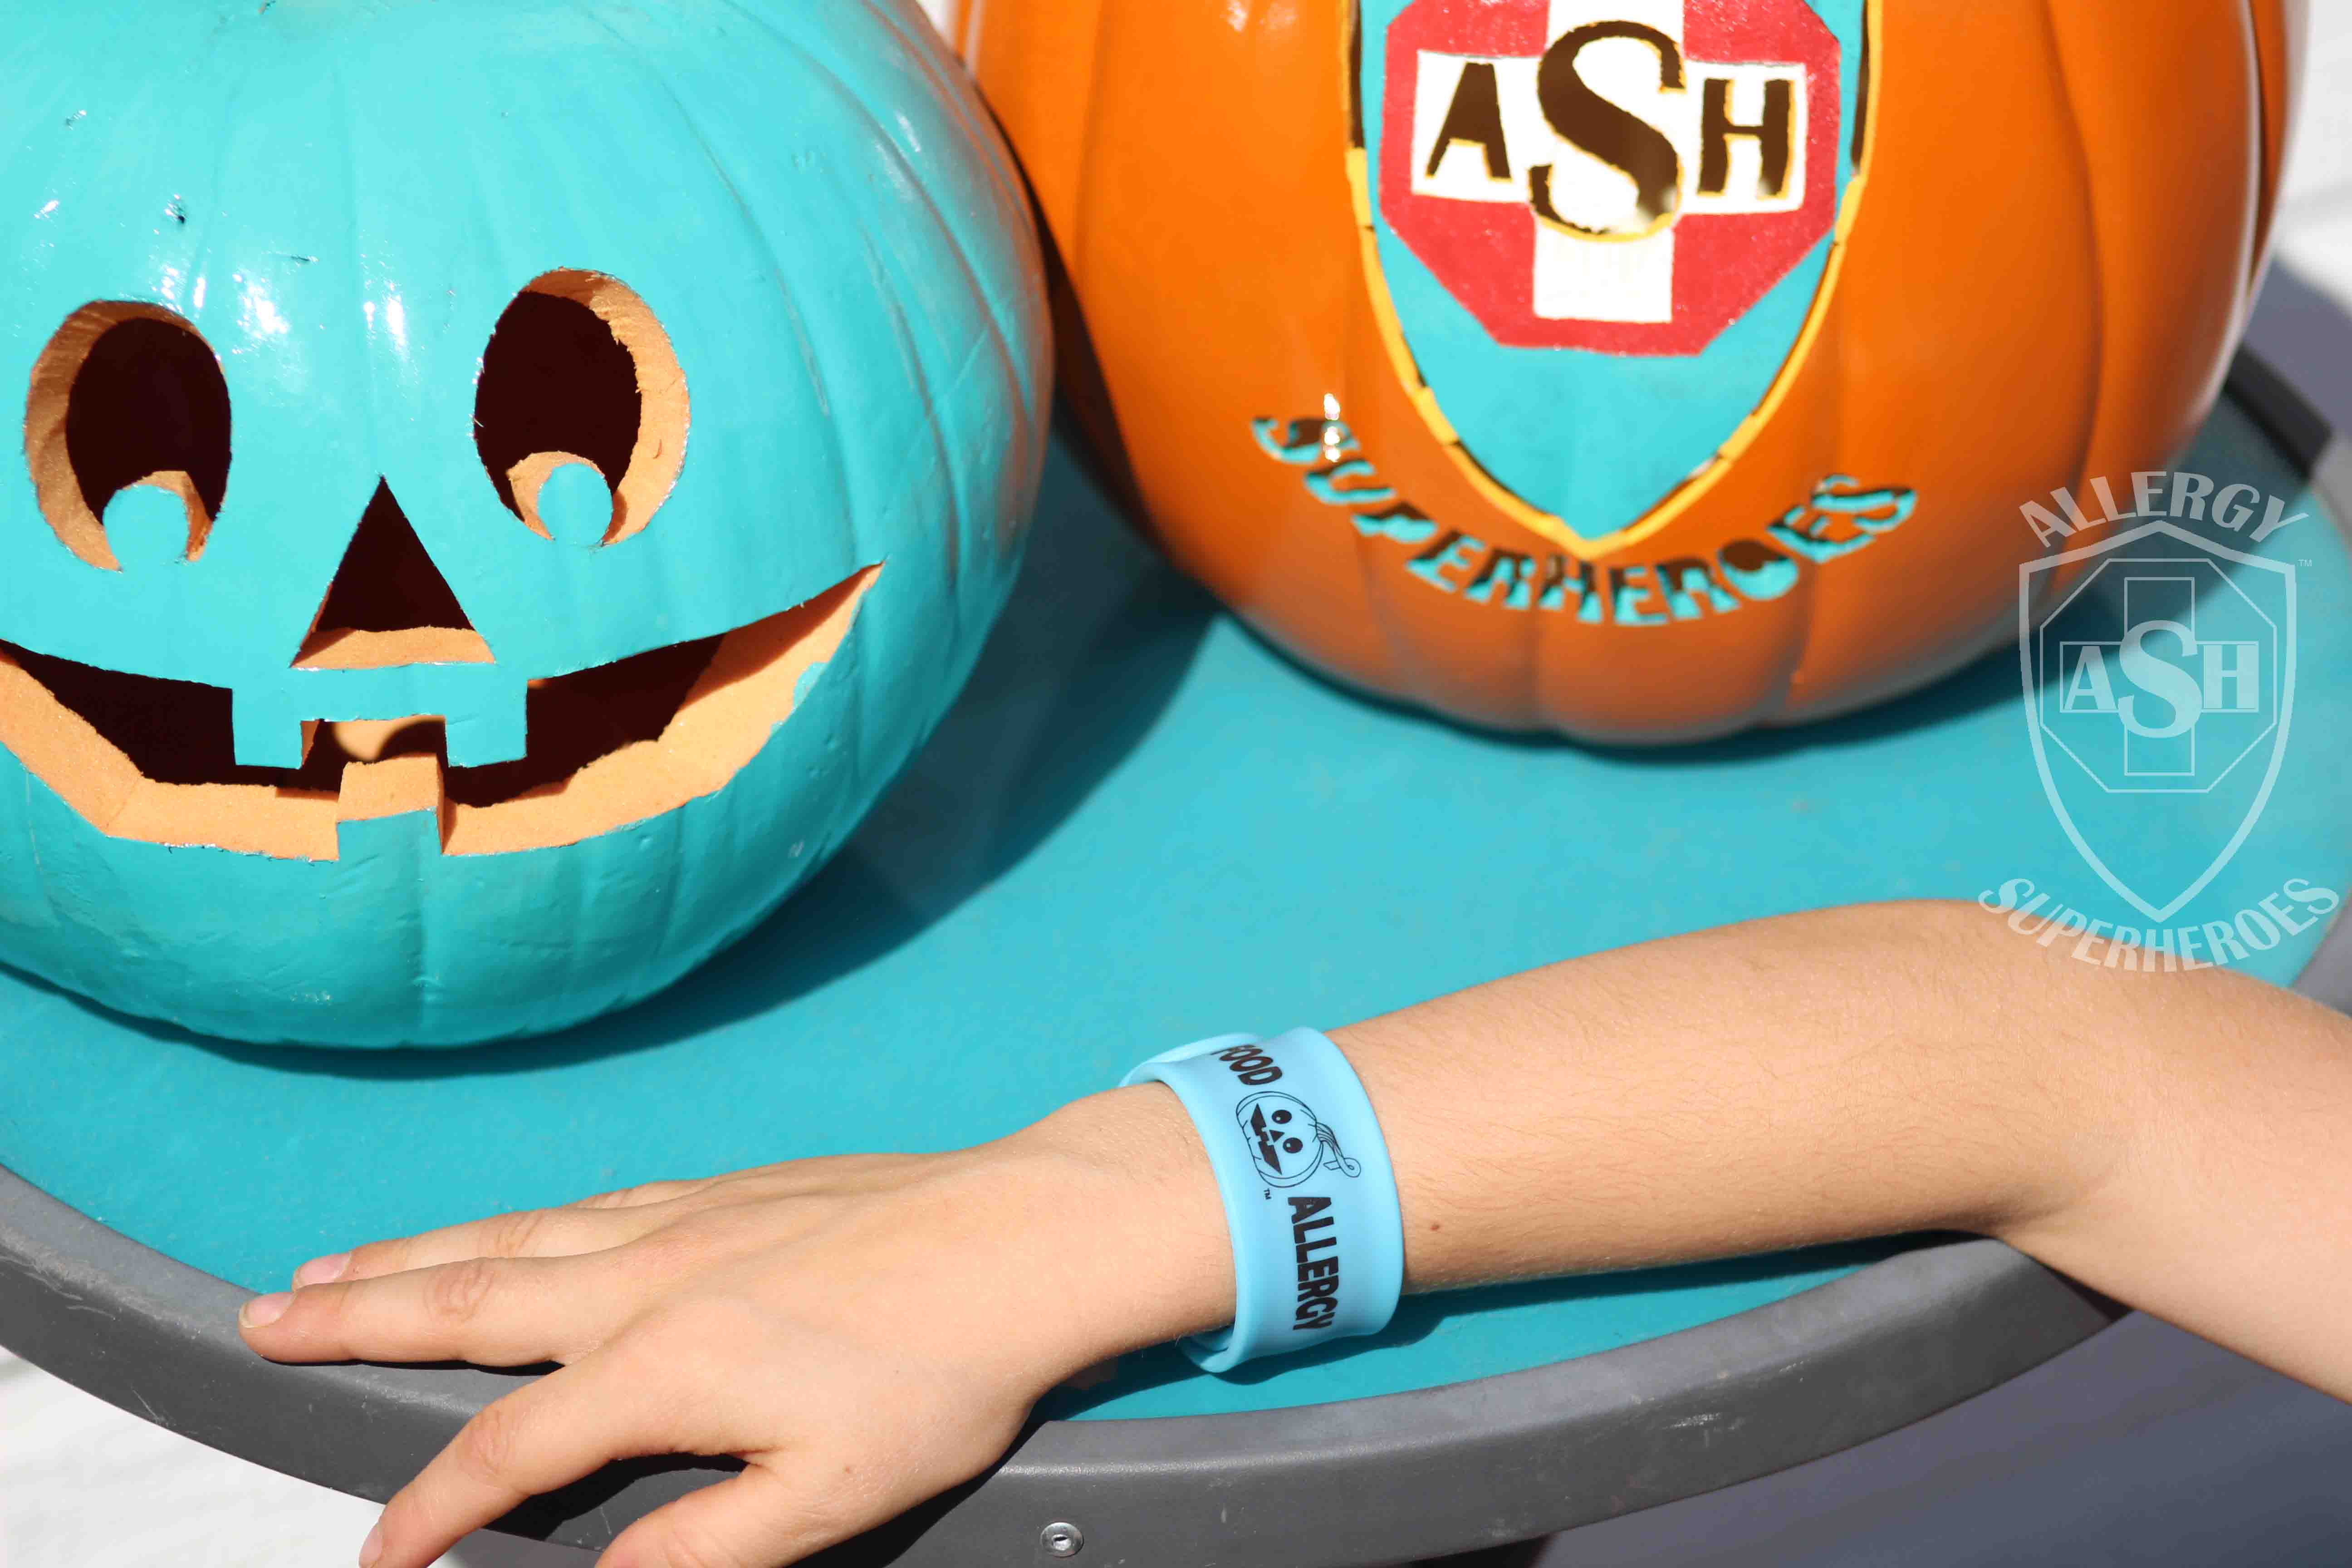 Glow in the Dark Teal Pumpkin Slap Bracelet from Allergy Superheroes